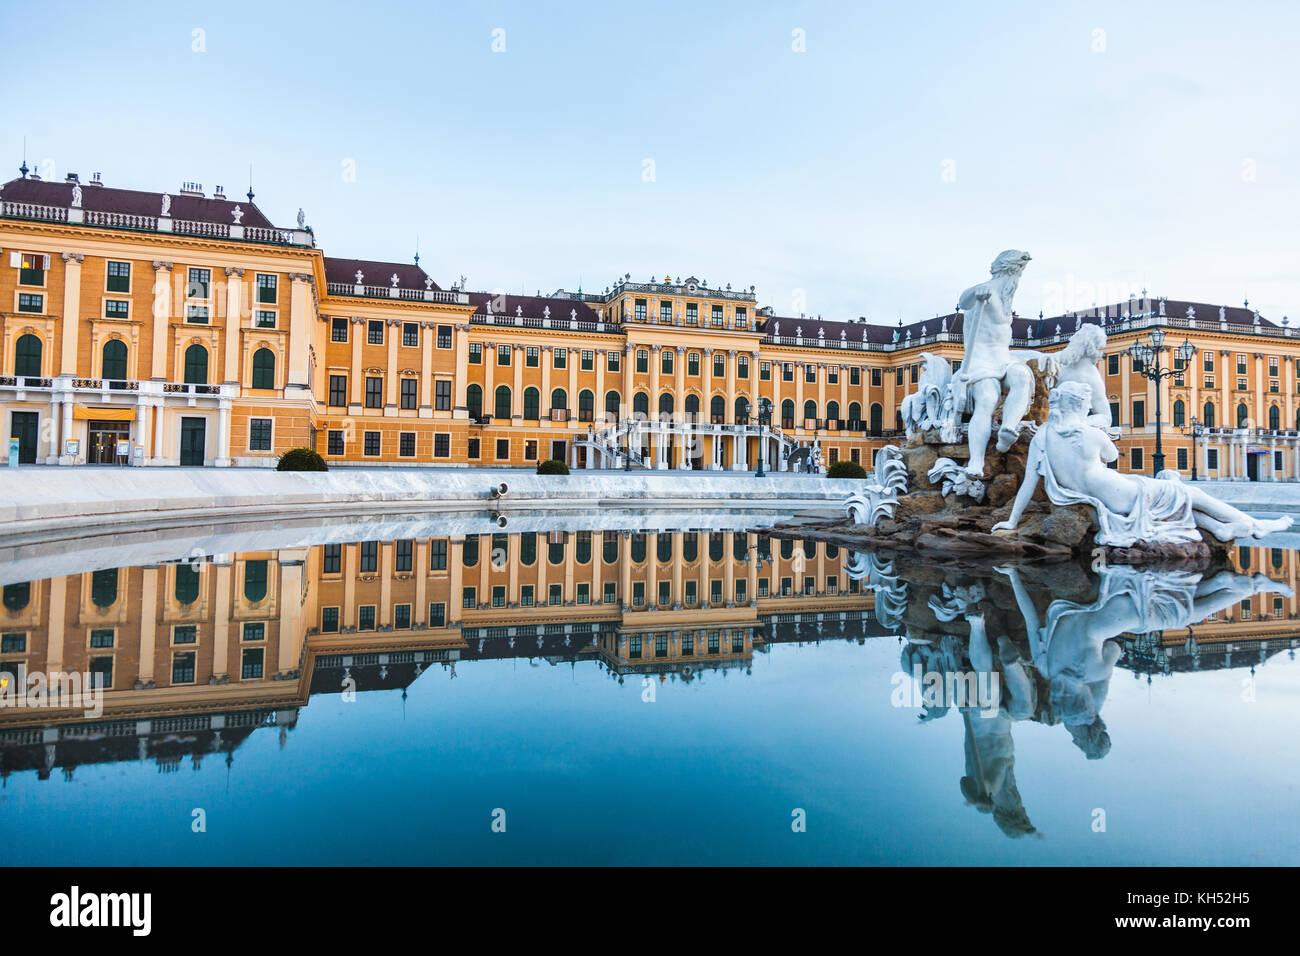 Palazzo di Schonbrunn, imperiale residenza estiva di Vienna in Austria Immagini Stock